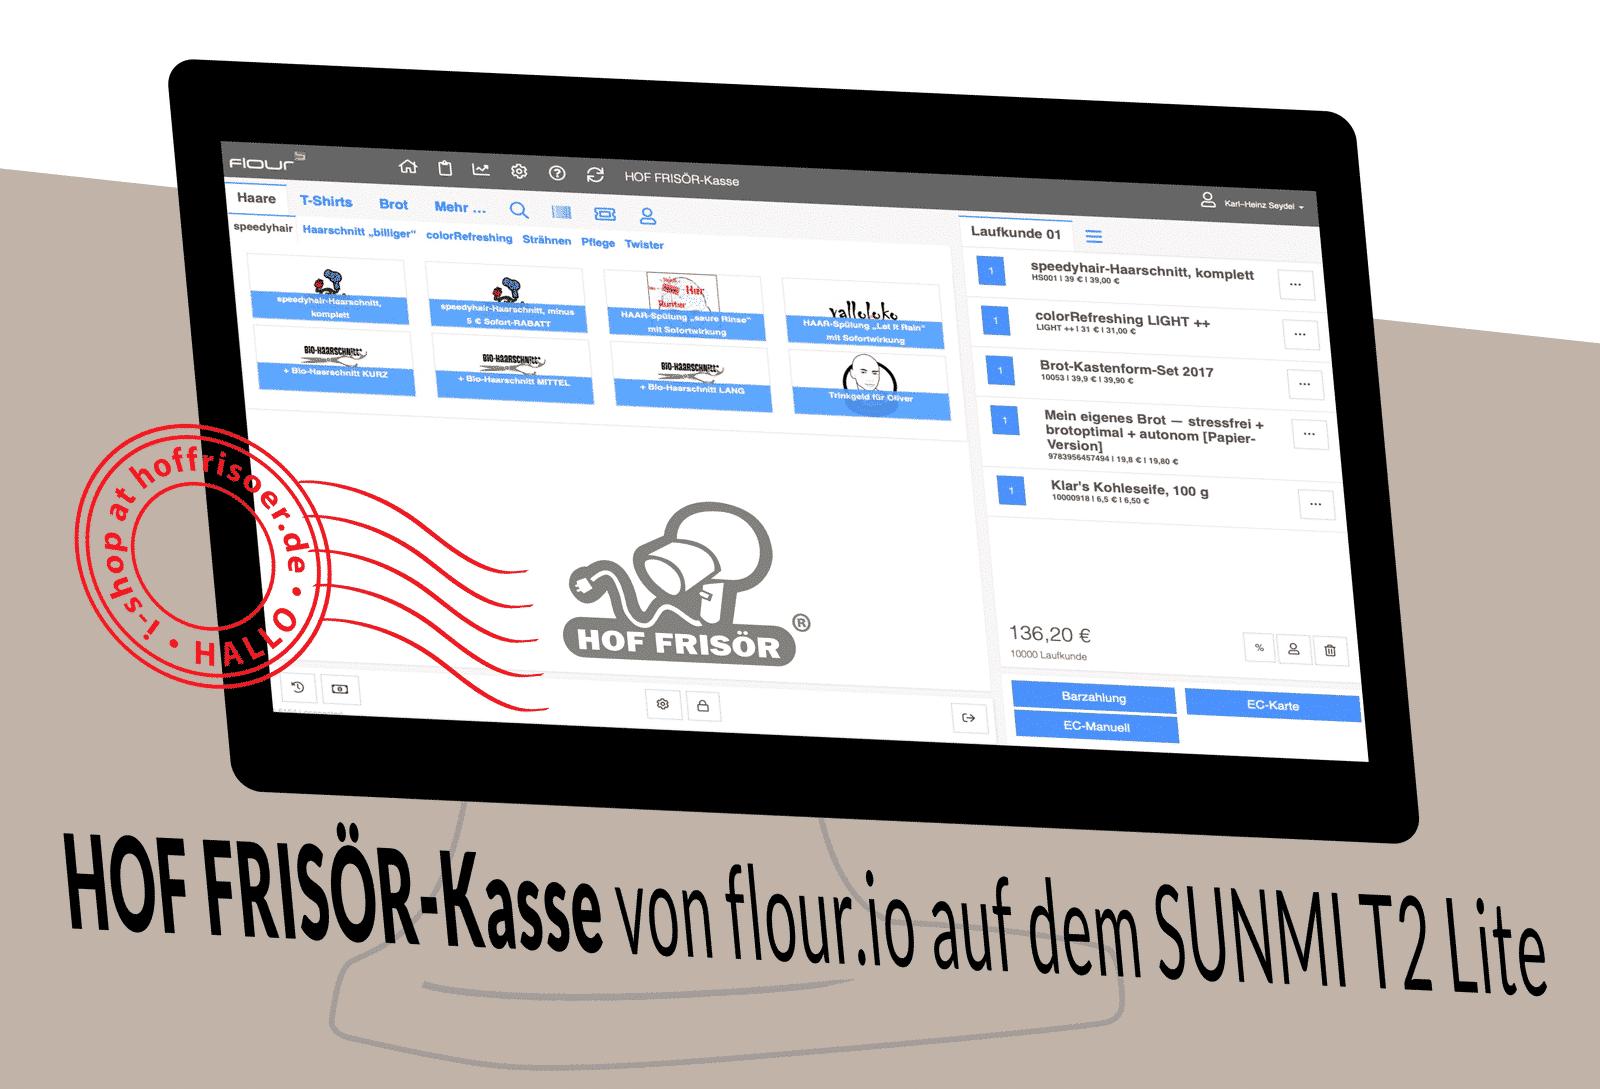 © November 2019 hoffrisoer.de: HOF FRISÖR-Kasse von flour.io auf dem SUNMI T2 Lite, isometriche flour-Kassen-Illustration von Karl-Heinz Seydel für allyoucanstyle.de